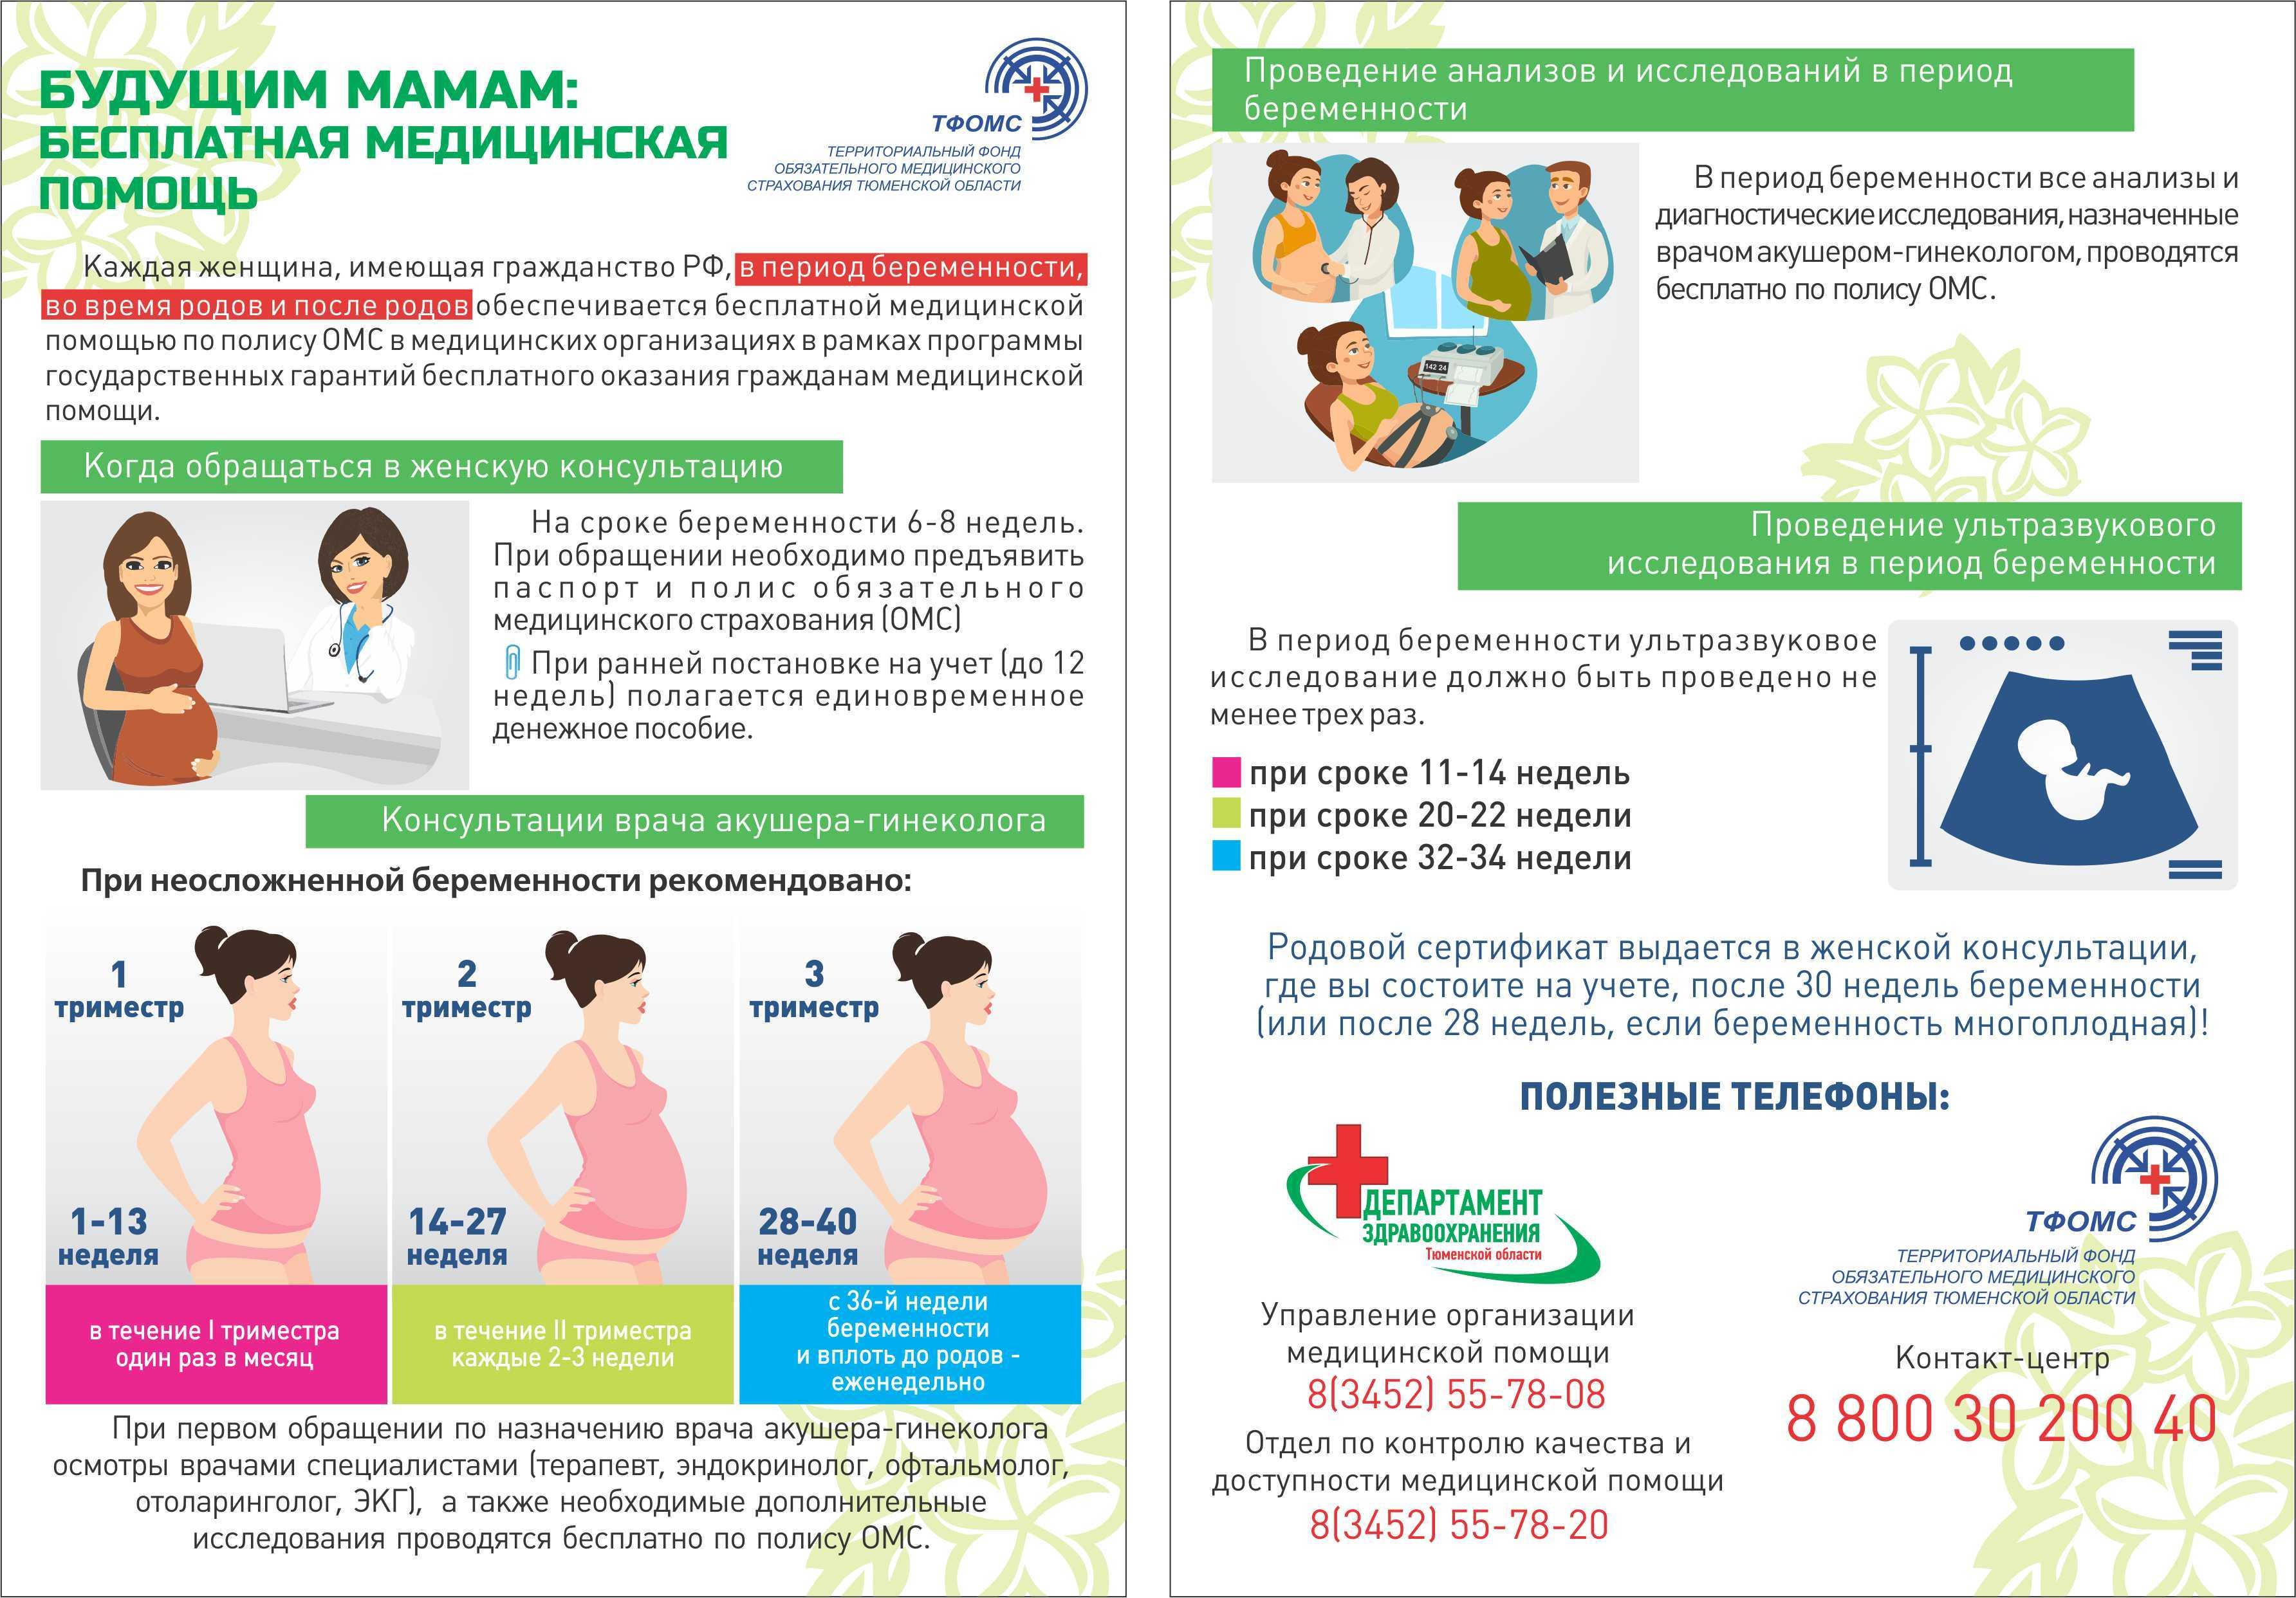 Развитие плода на 24 неделе беременности (18 фото): что происходит с малышом, вес, рост и размеры ребенка на 23-24 неделе, как выглядит плод и ощущения